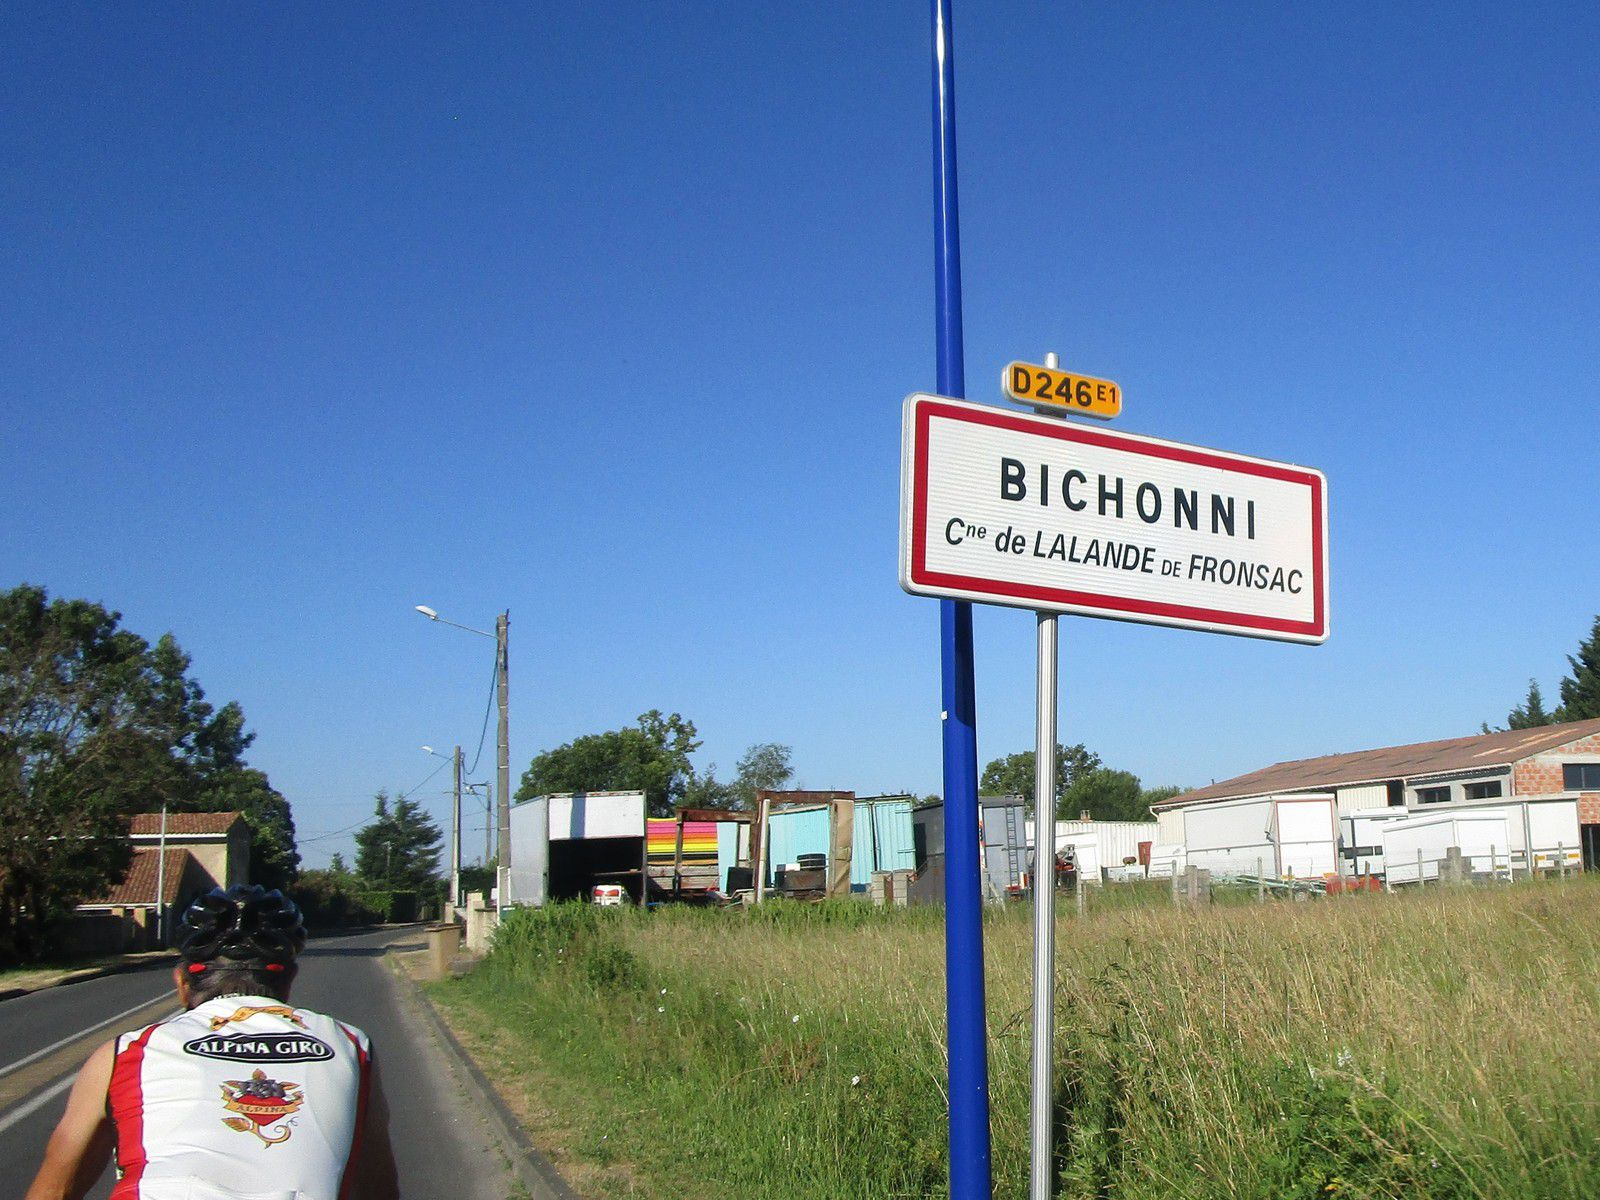 En visite du côté de LIBOURNE